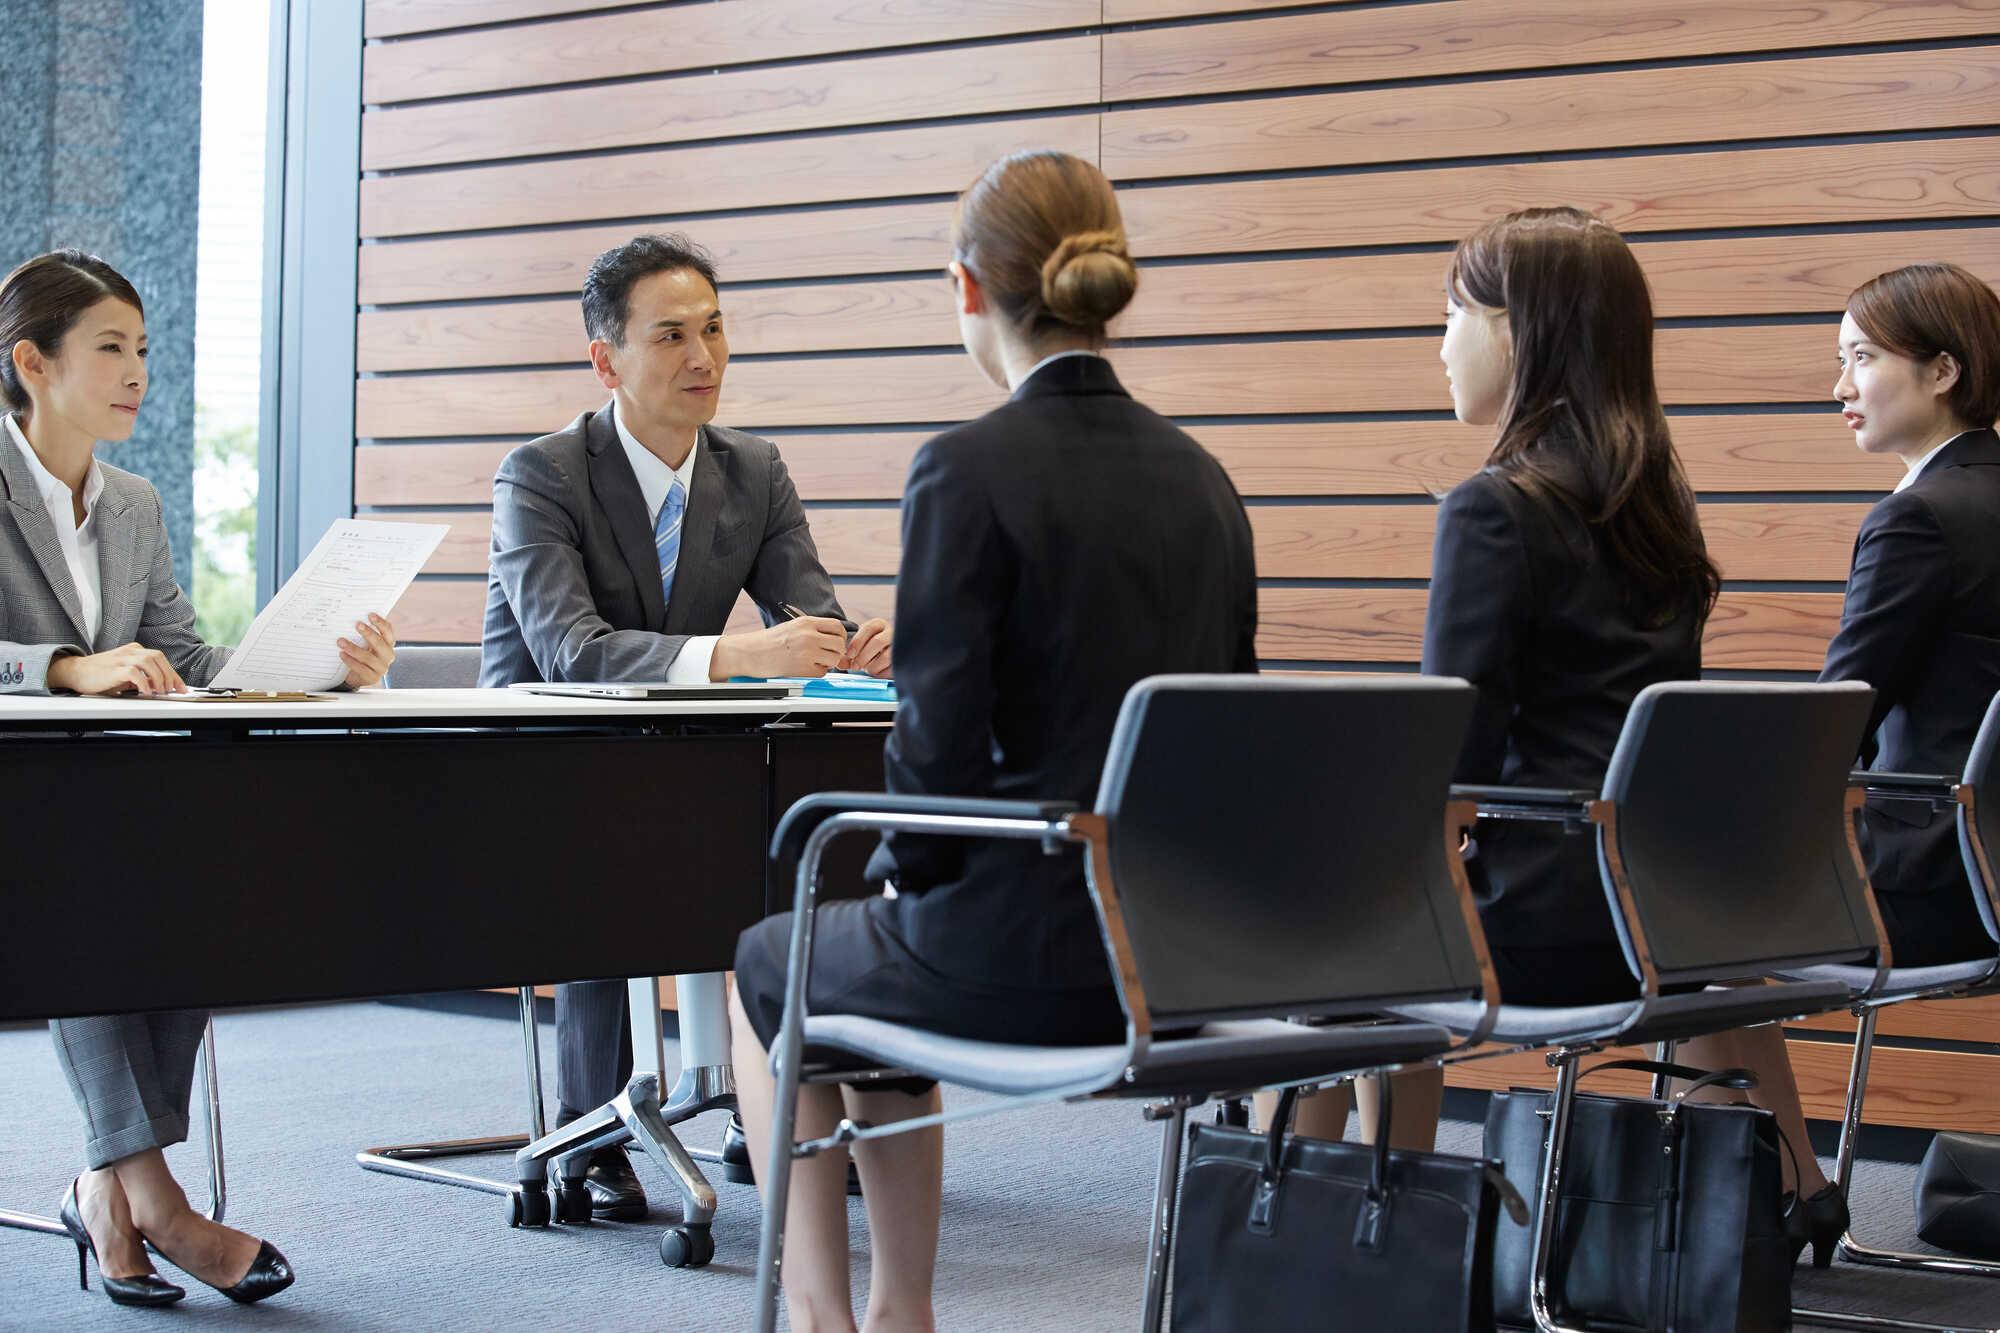 グループ面接中の面接官と求職者たち